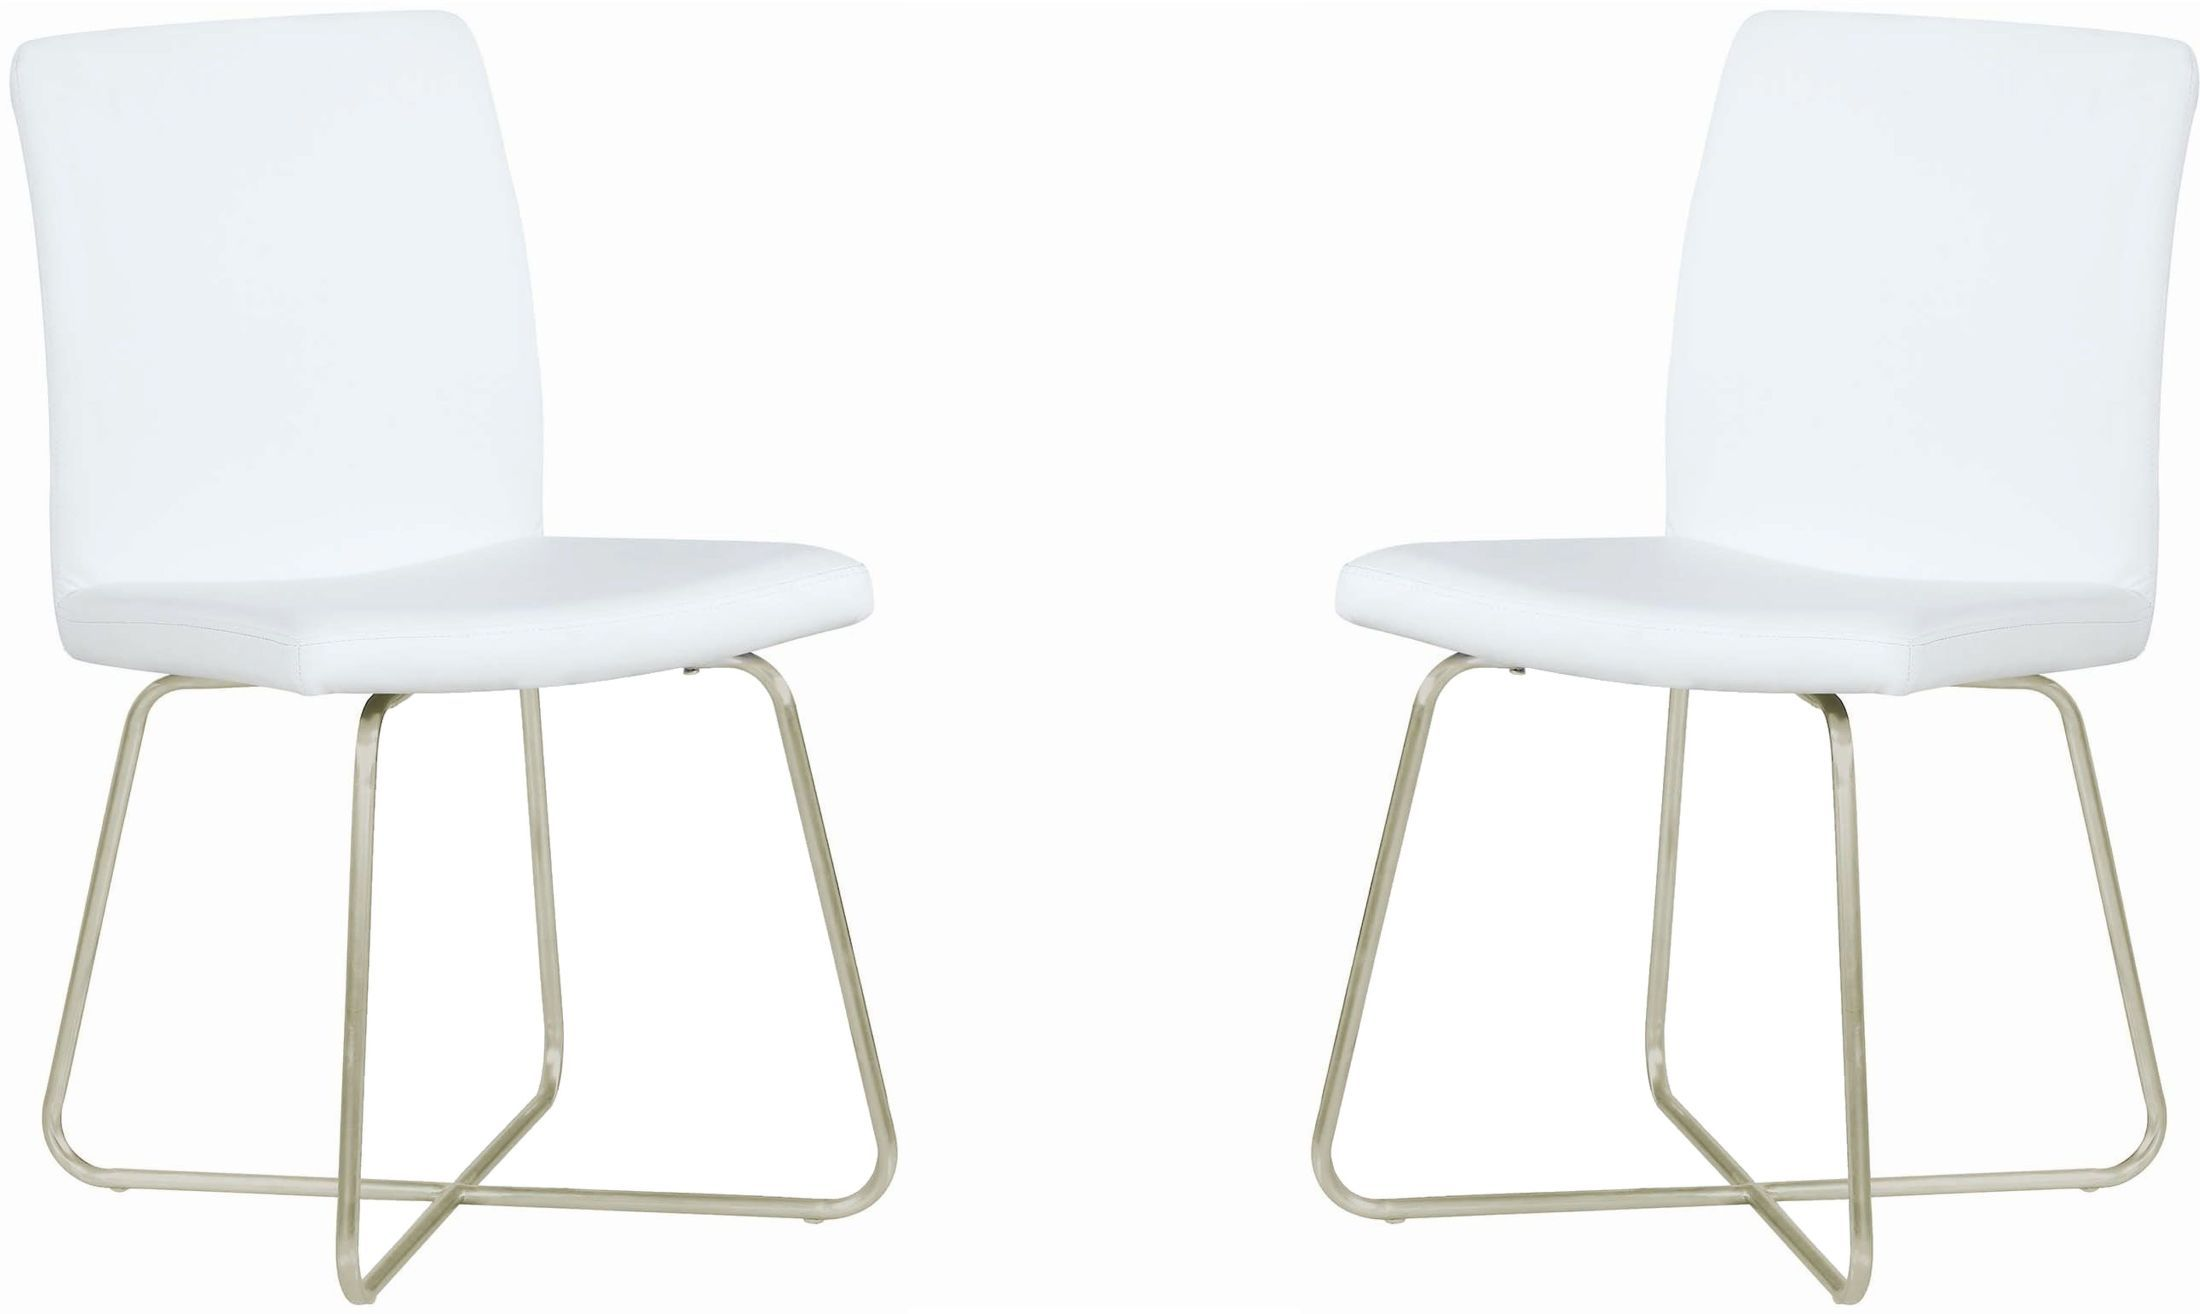 Stühle Stuhl Sind ModernIn Weiß Metall Leder Esszimmer ARjL534